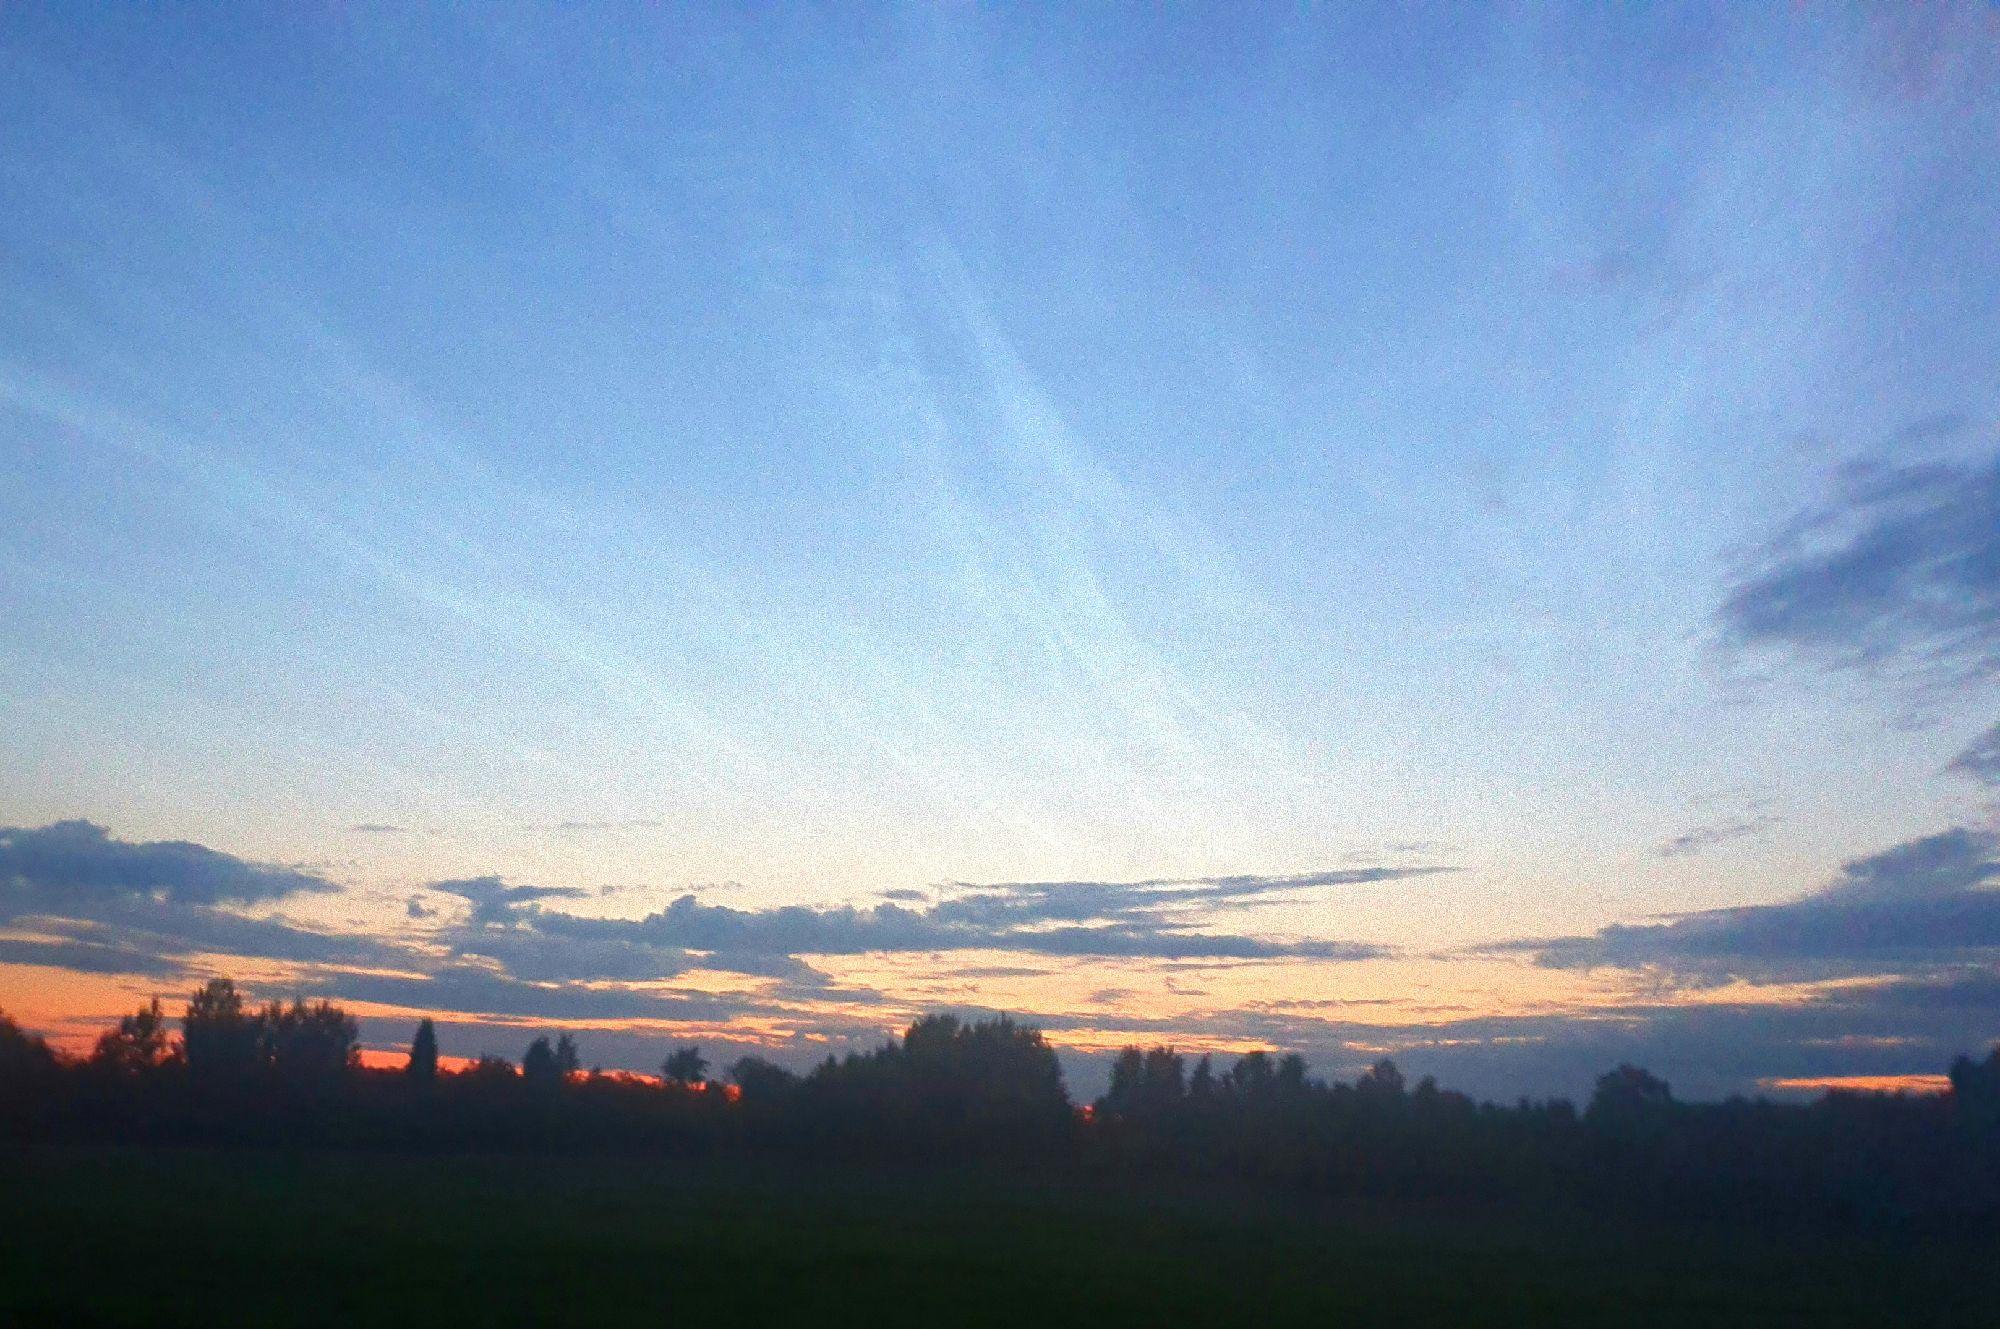 Солнце встаёт. Время 1:13